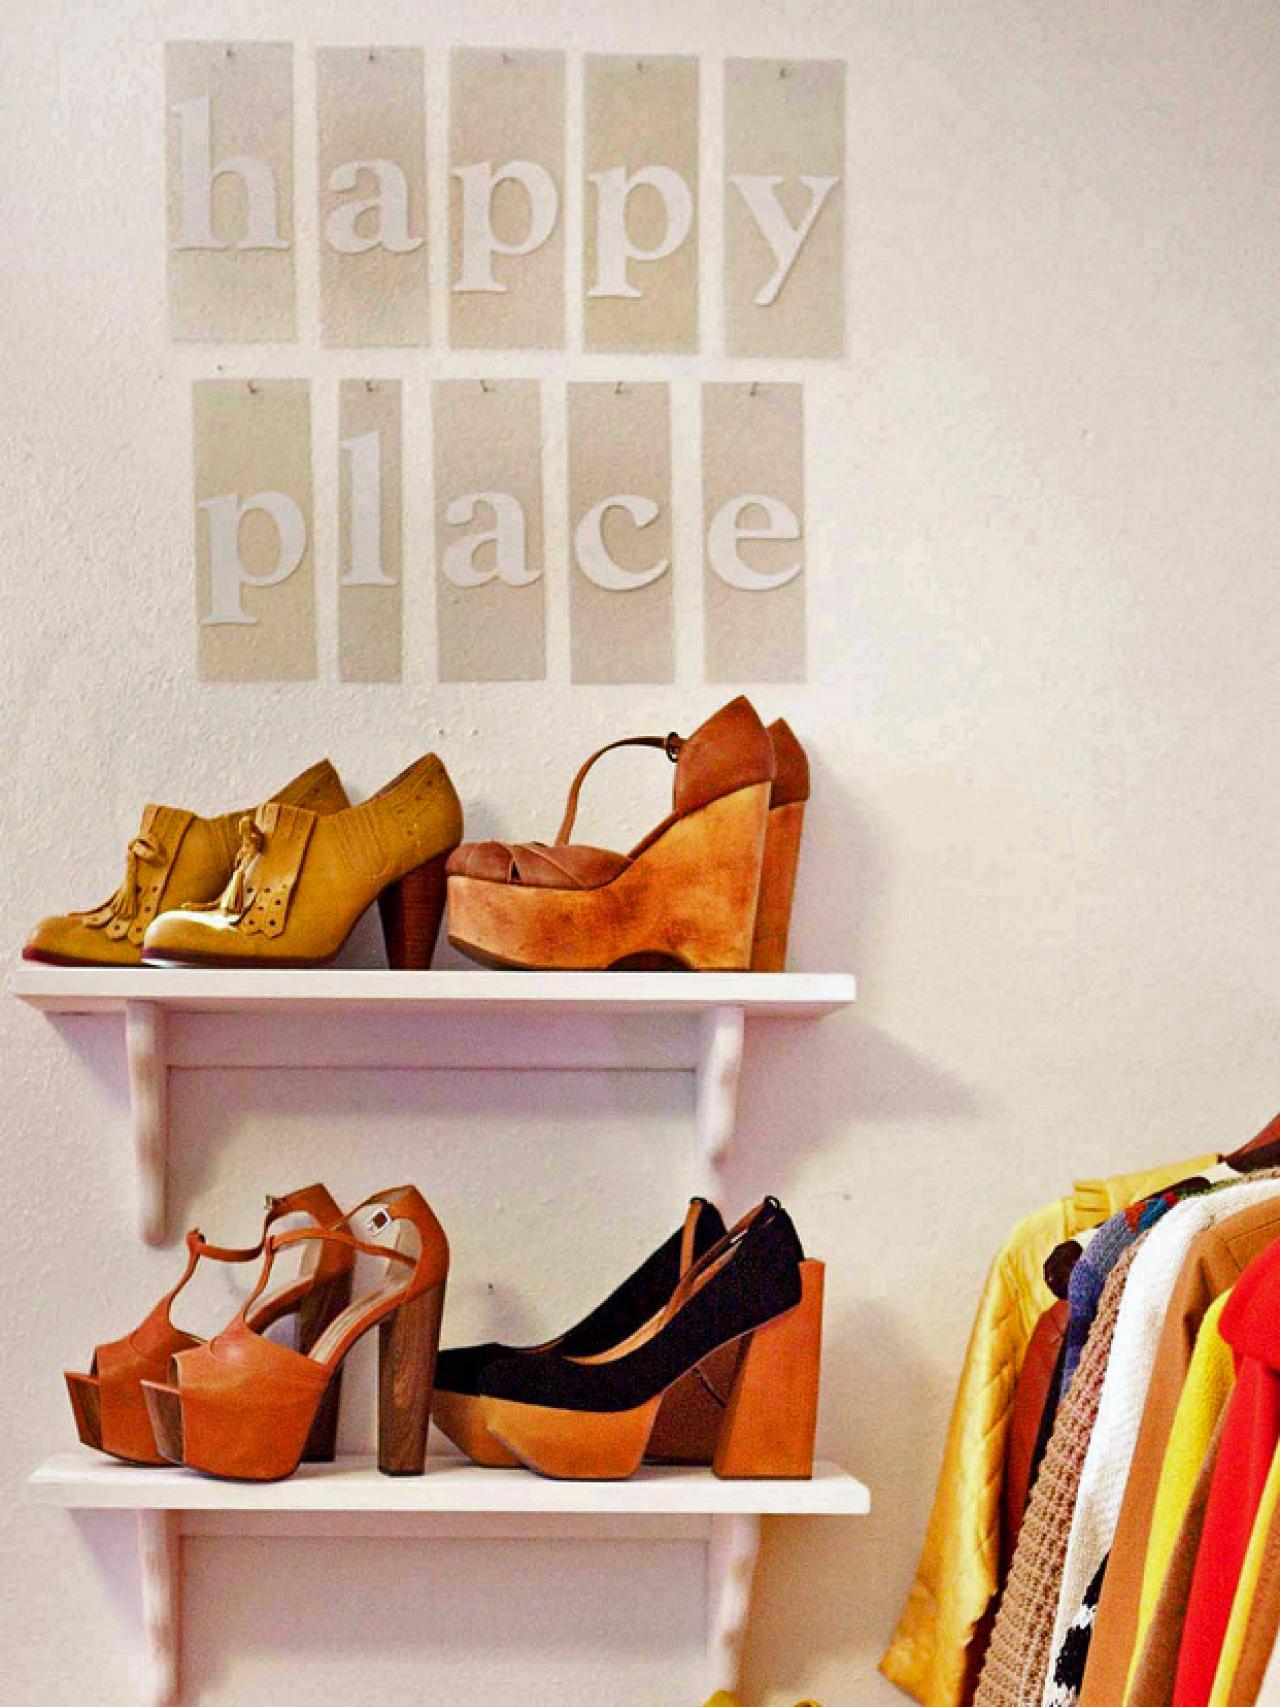 Original_Elsie-Larson-open-shelving-for-shoes_s3x4.jpg.rend.hgtvcom.1280.1707